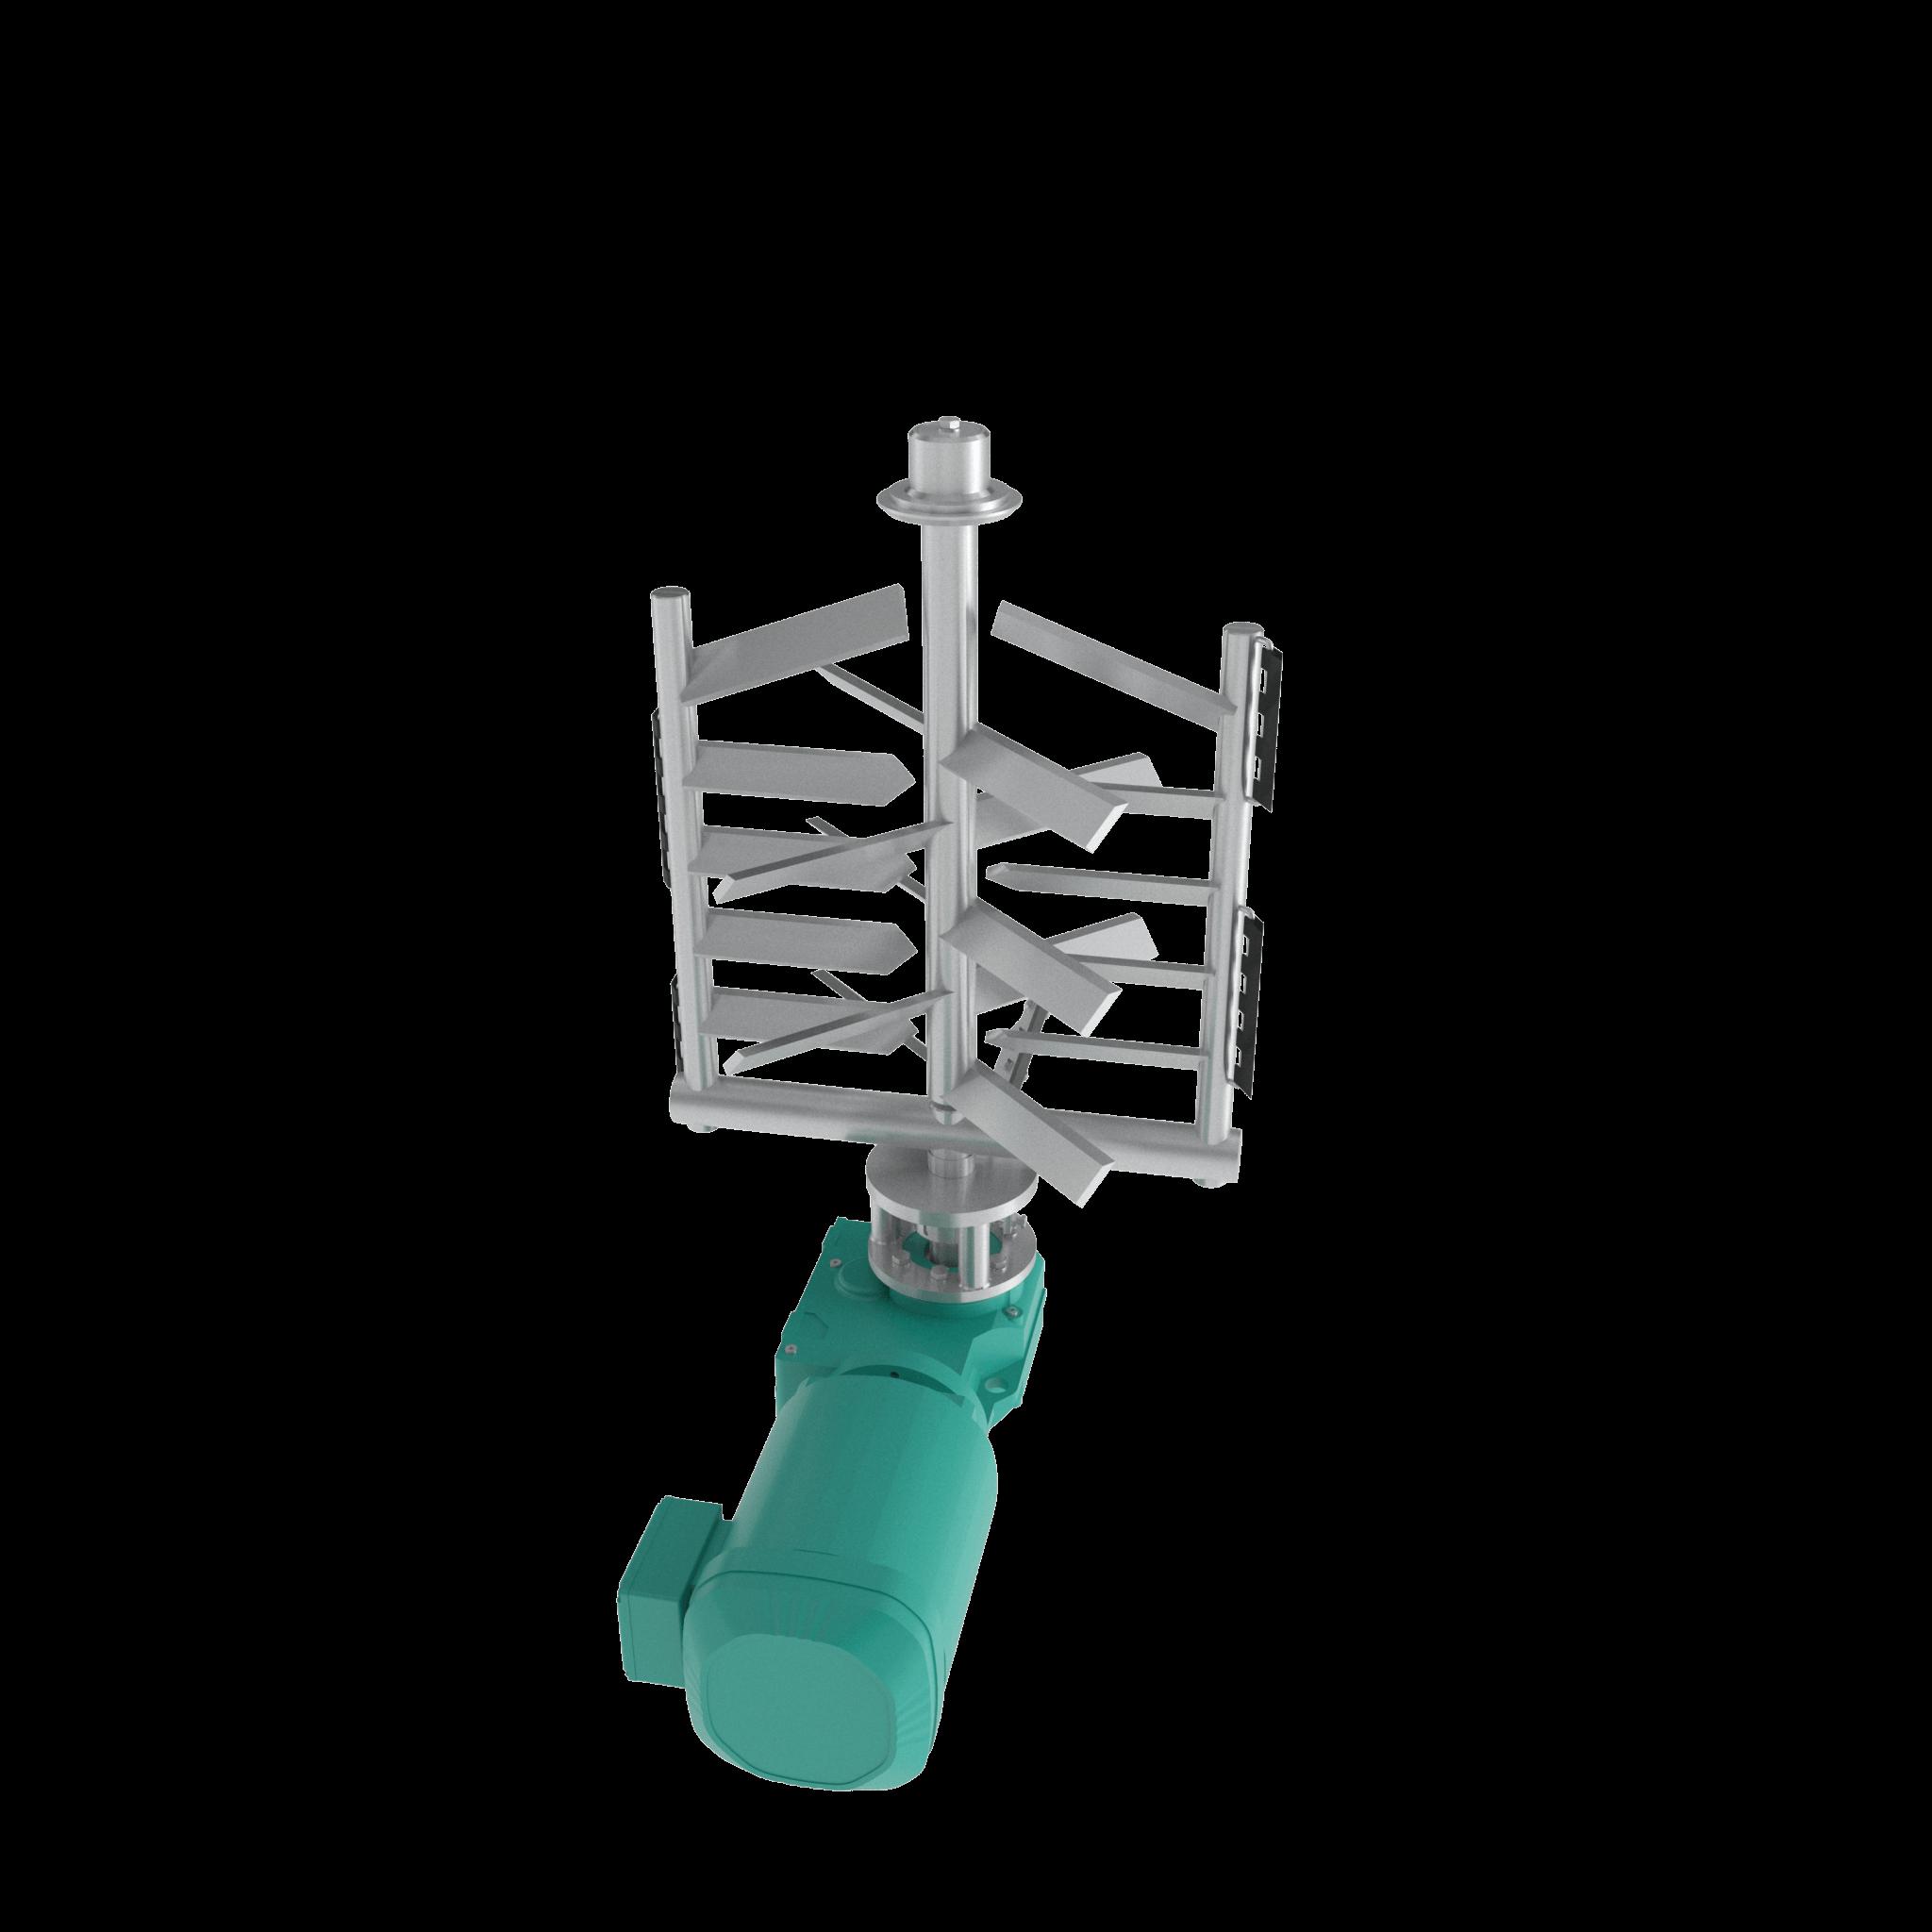 Agitator_Stainless Steel agitator - gate agitator render